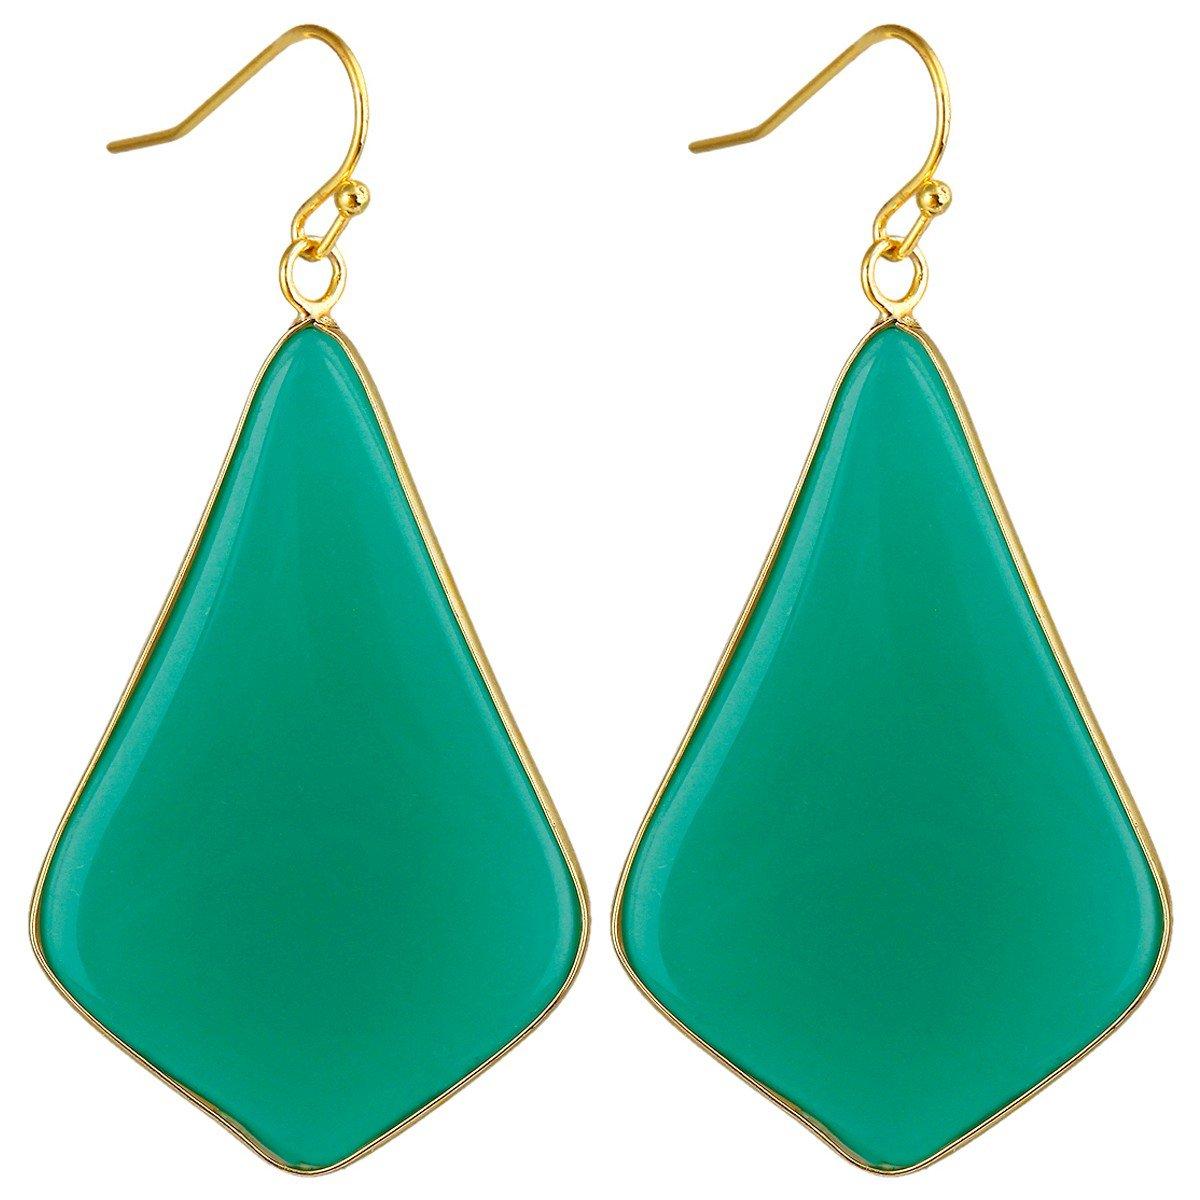 SUNYIK Women's Dark Green Glass Large Rhombus Dangle Earrings